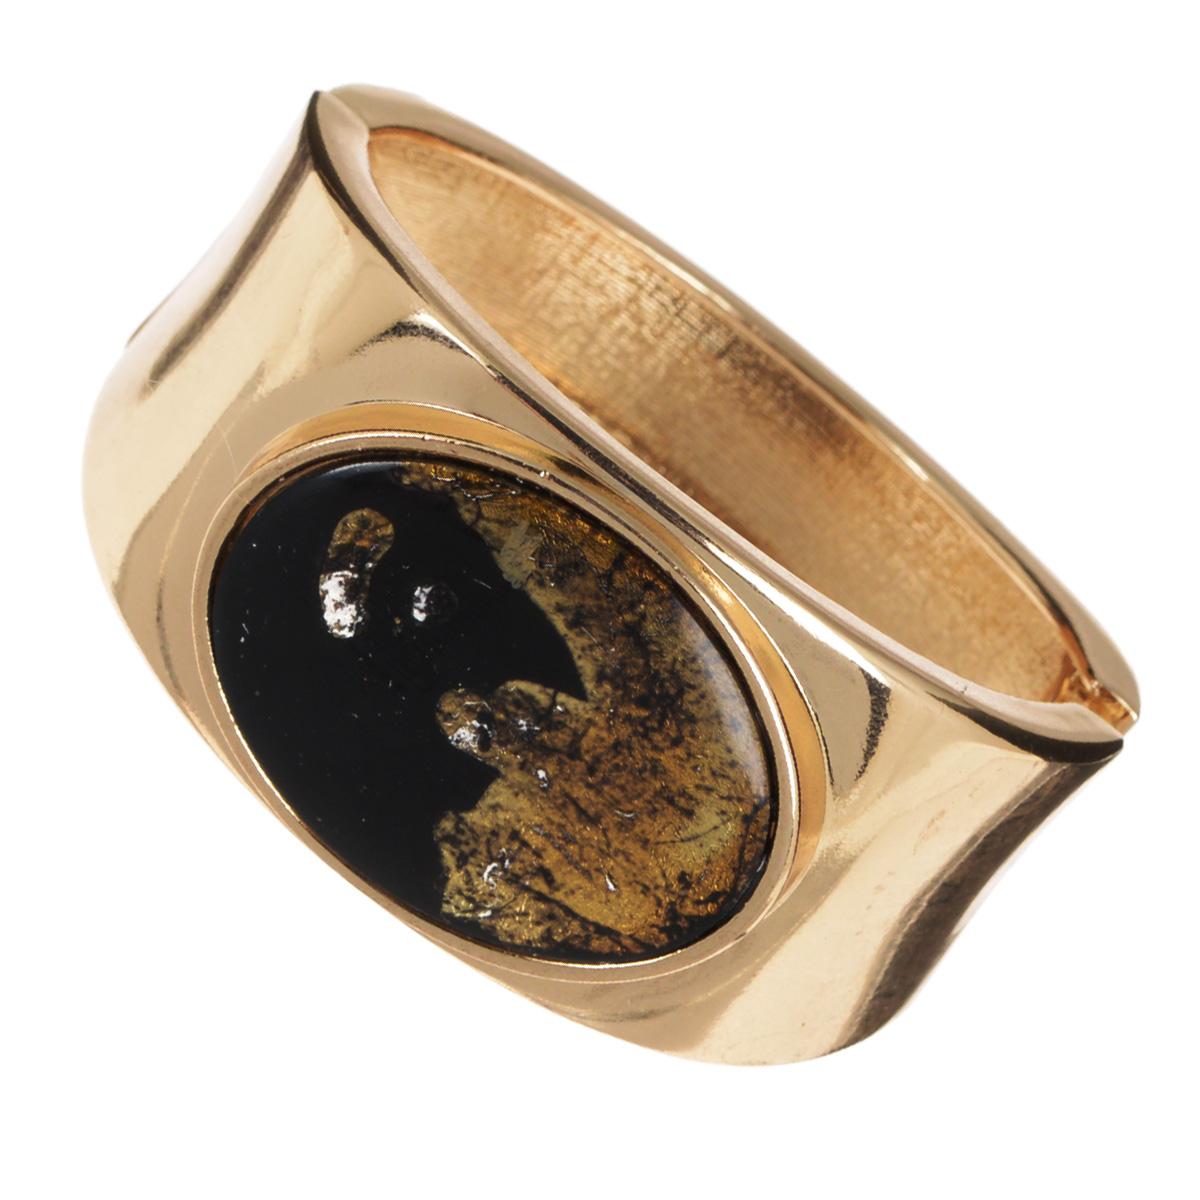 Браслет AtStyle247, цвет: золотой. T-B-8548-BRAC-GOLD.BLACKT-B-8548-BRAC-GOLD.BLACKШикарный женский браслет AtStyle247 изготовлен из металла золотого цвета. Модель оформлена посередине крупной вставкой из пластика, стилизованной под камень. Браслет застегивается при помощи шарнирного замка. Прочный каркас изделия защищает его от различных механических повреждений. Это роскошное украшение подчеркнет ваш отменный вкус и эффектно дополнит модный образ.